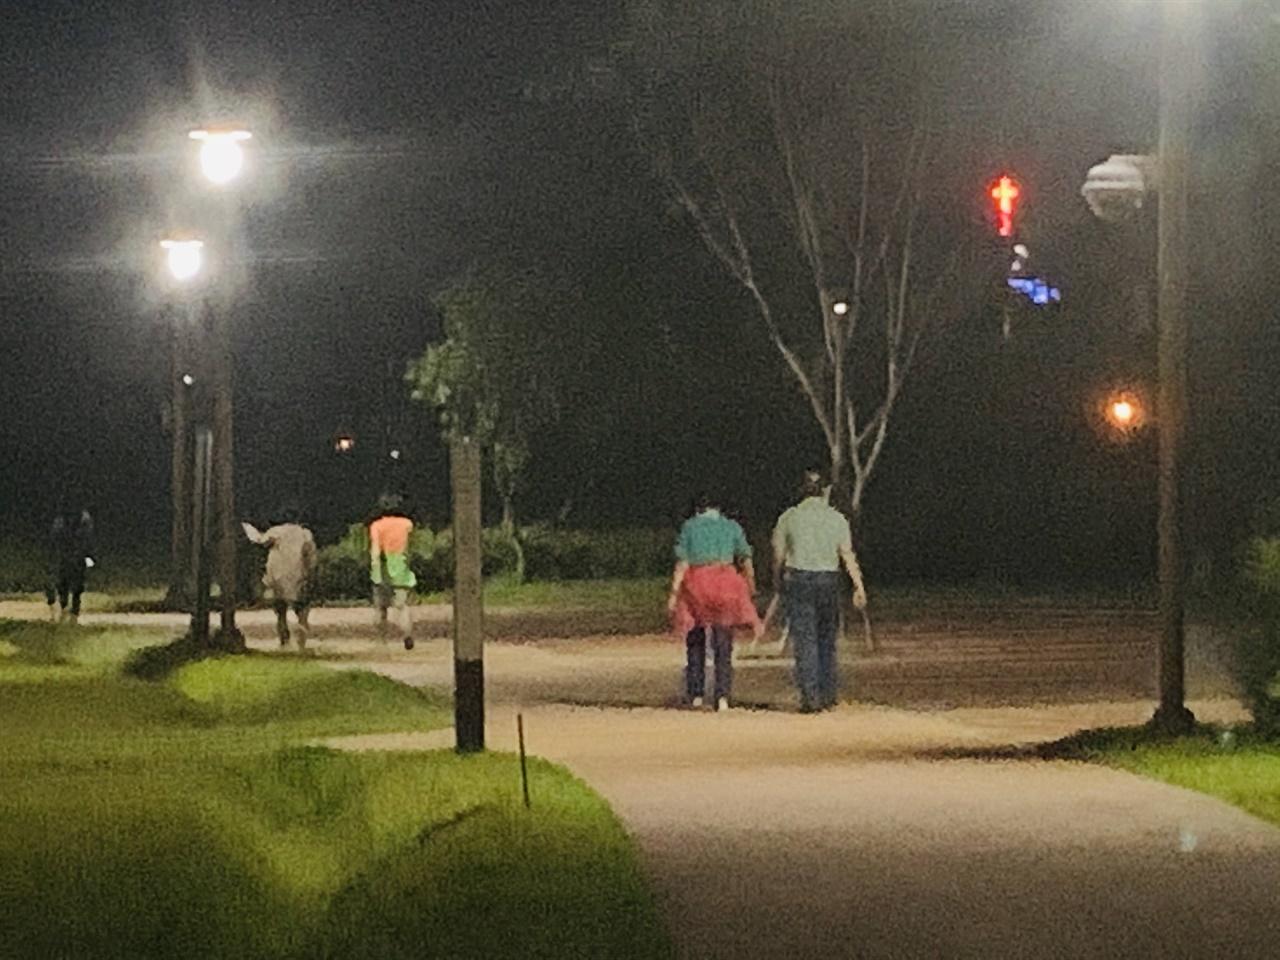 야간에 운동하시는 분들